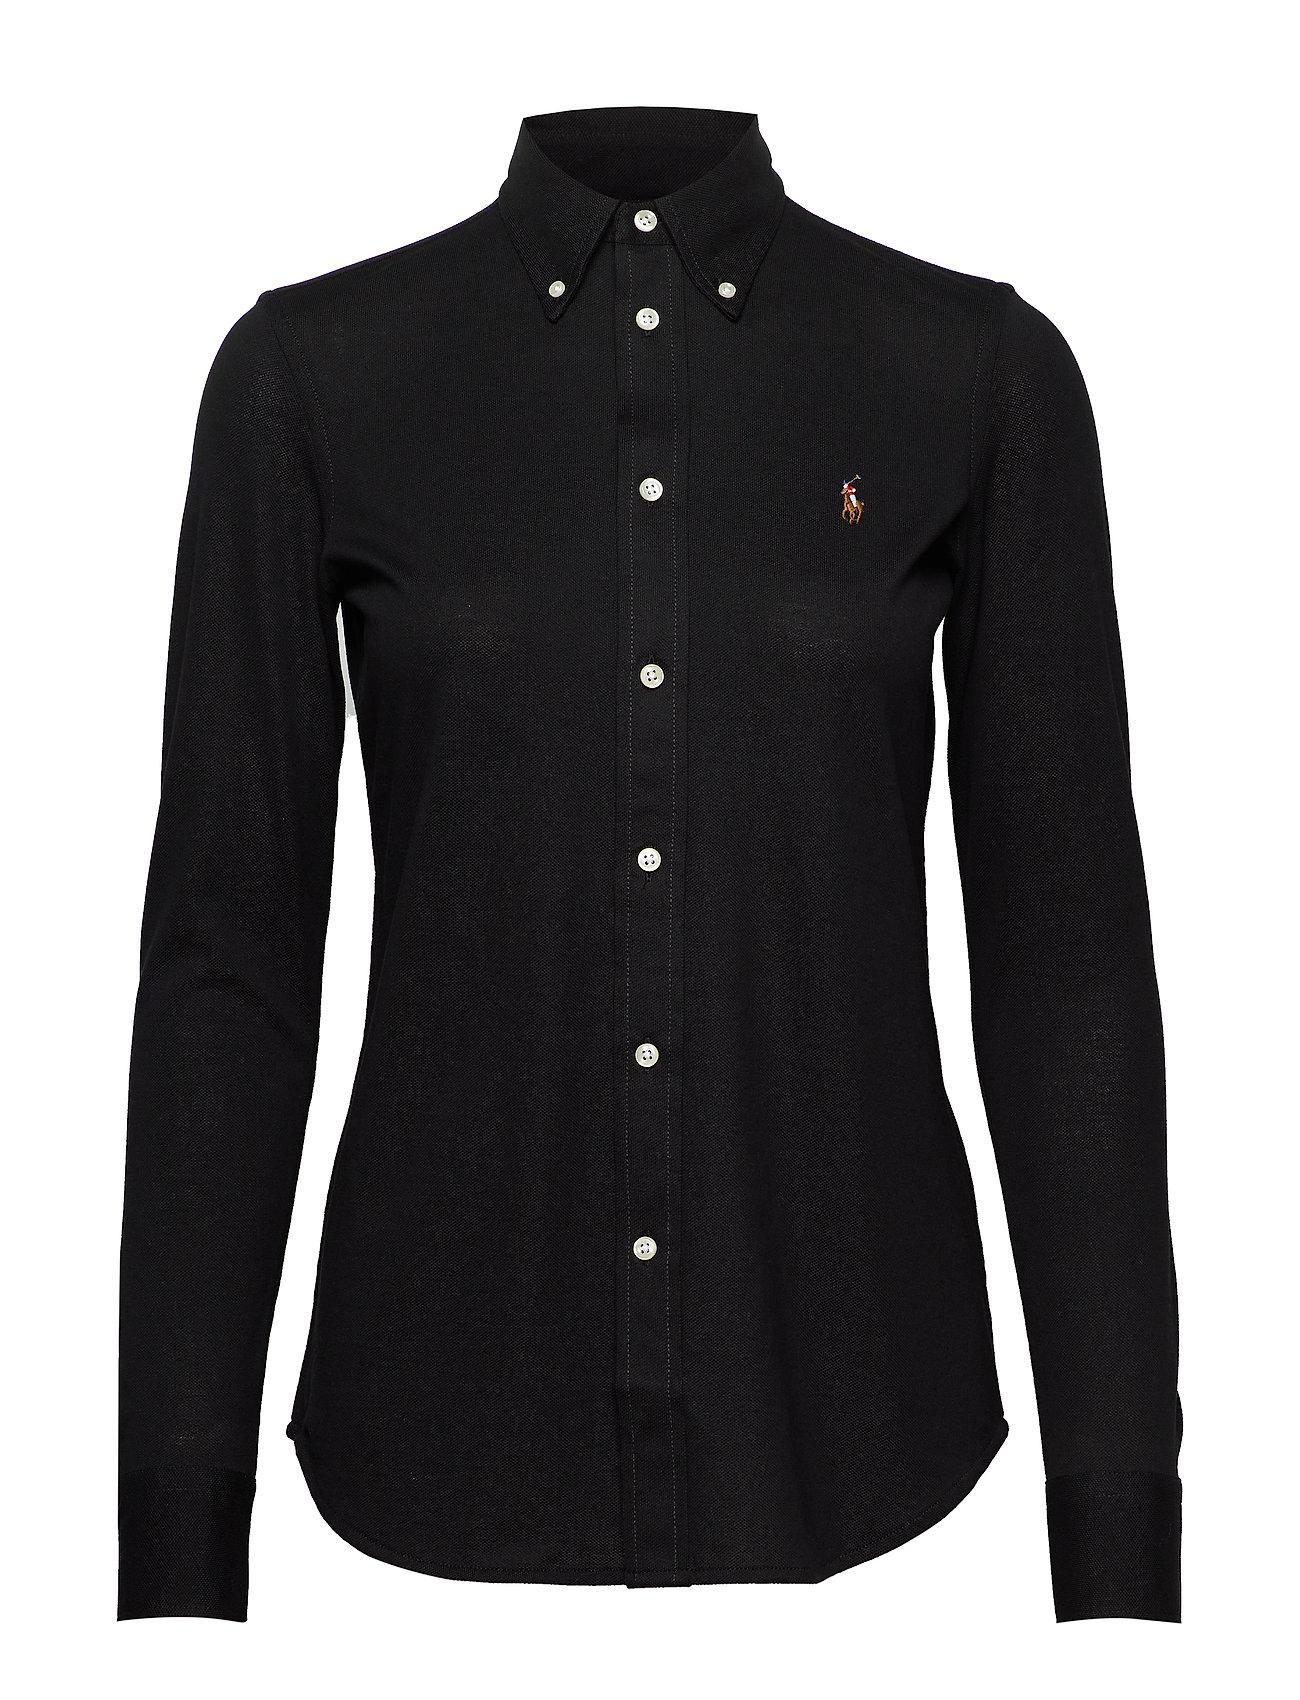 Polo Ralph Lauren Cotton Knit Oxford Shirt - POLO BLACK